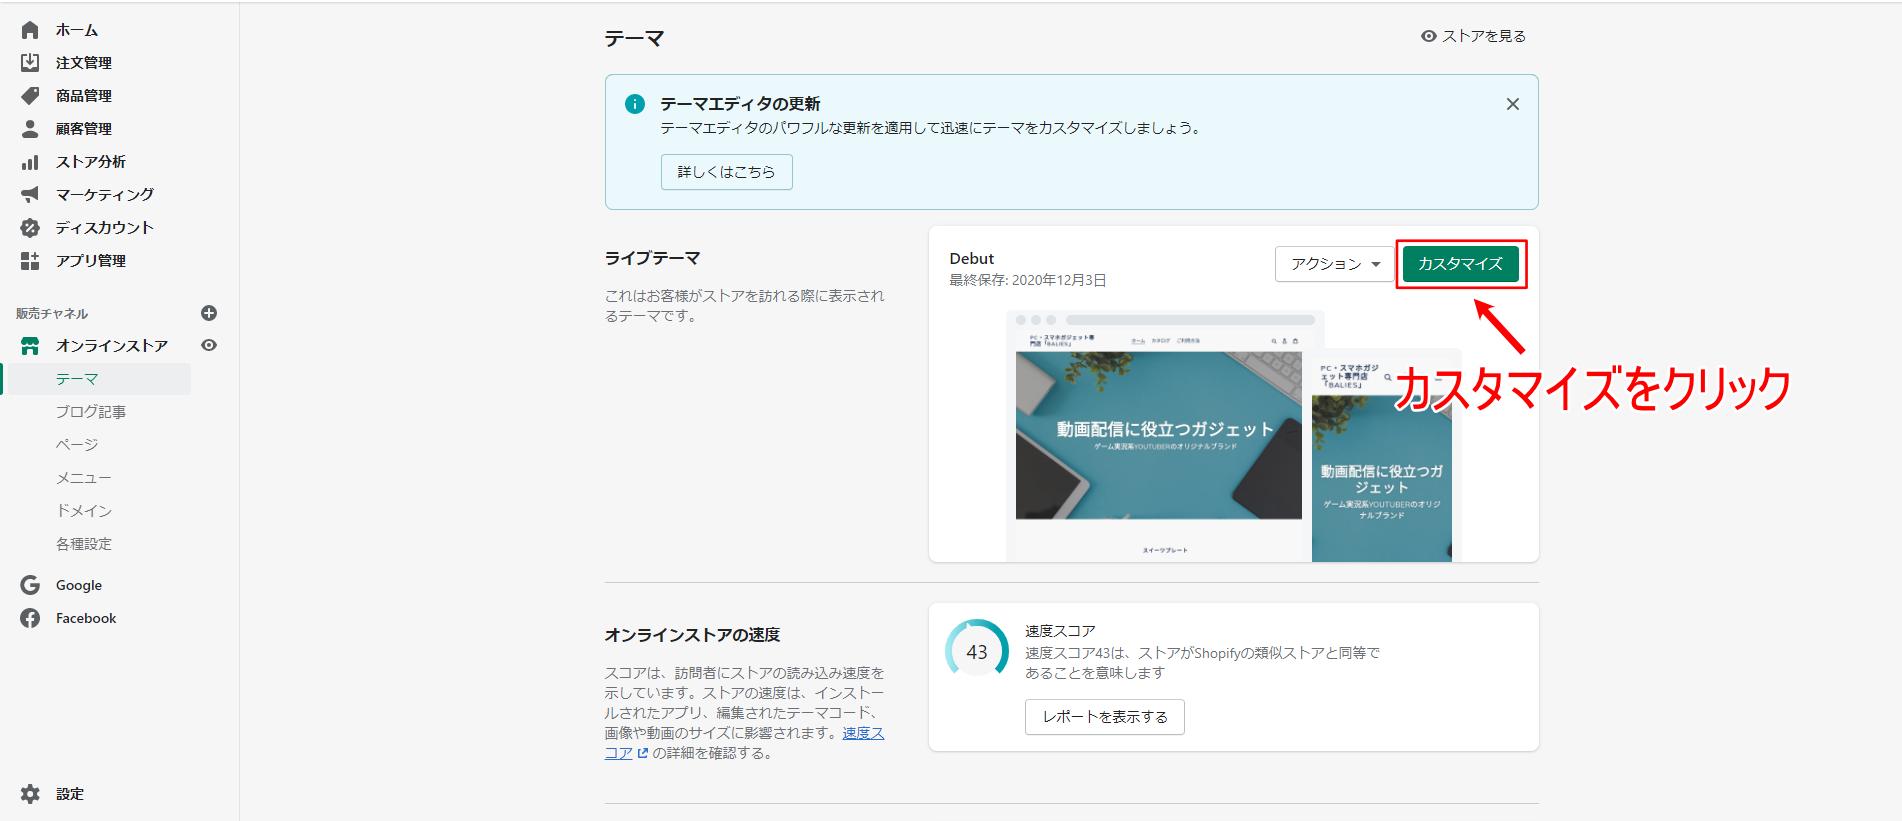 shopify ファビコンの設定方法